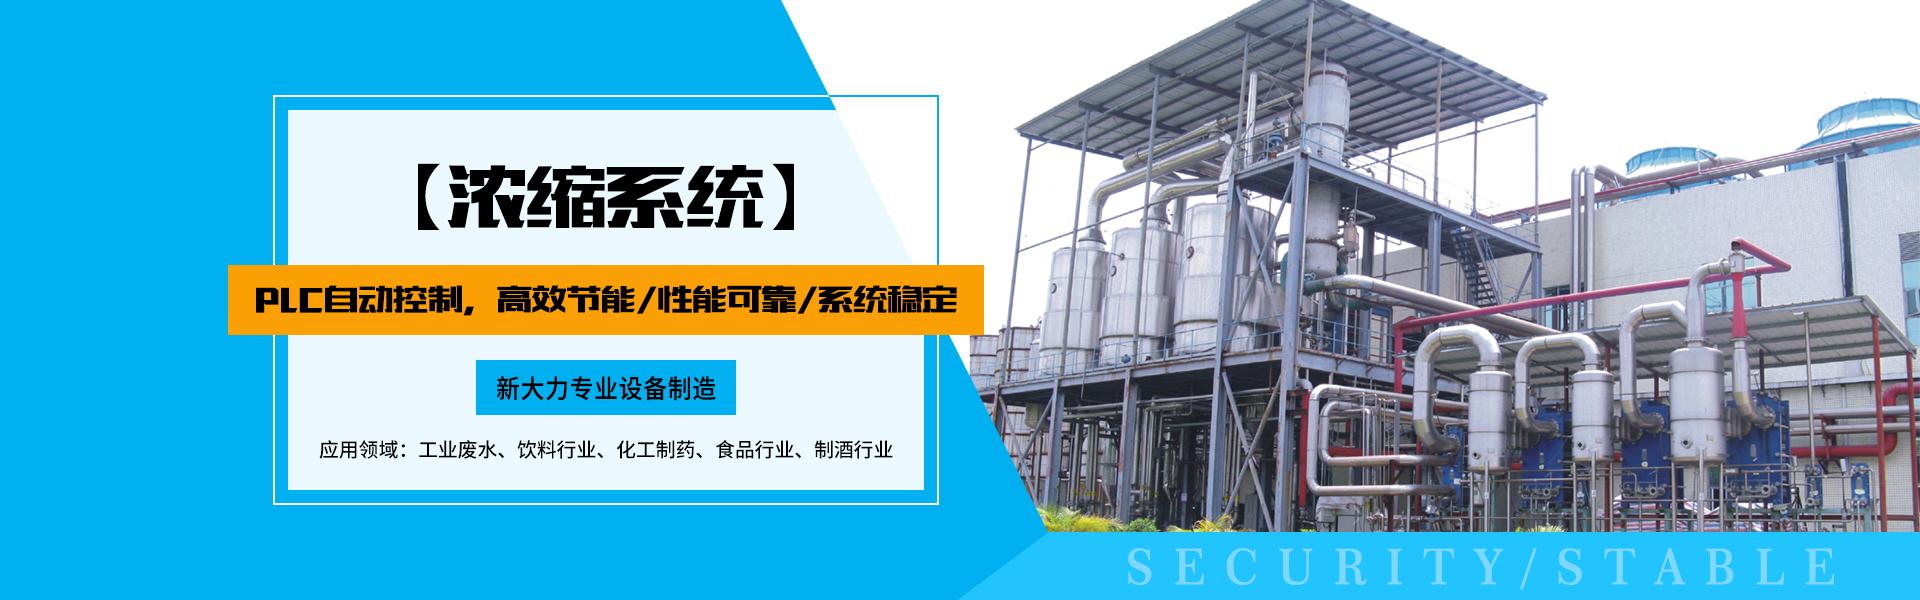 肇庆市新大力设备制造安装有限公司经营全自动气流瓶盖输送机、有奖瓶盖破碎机、三效浓缩设备、冷凝水回收装置、真空带式压榨过滤机等